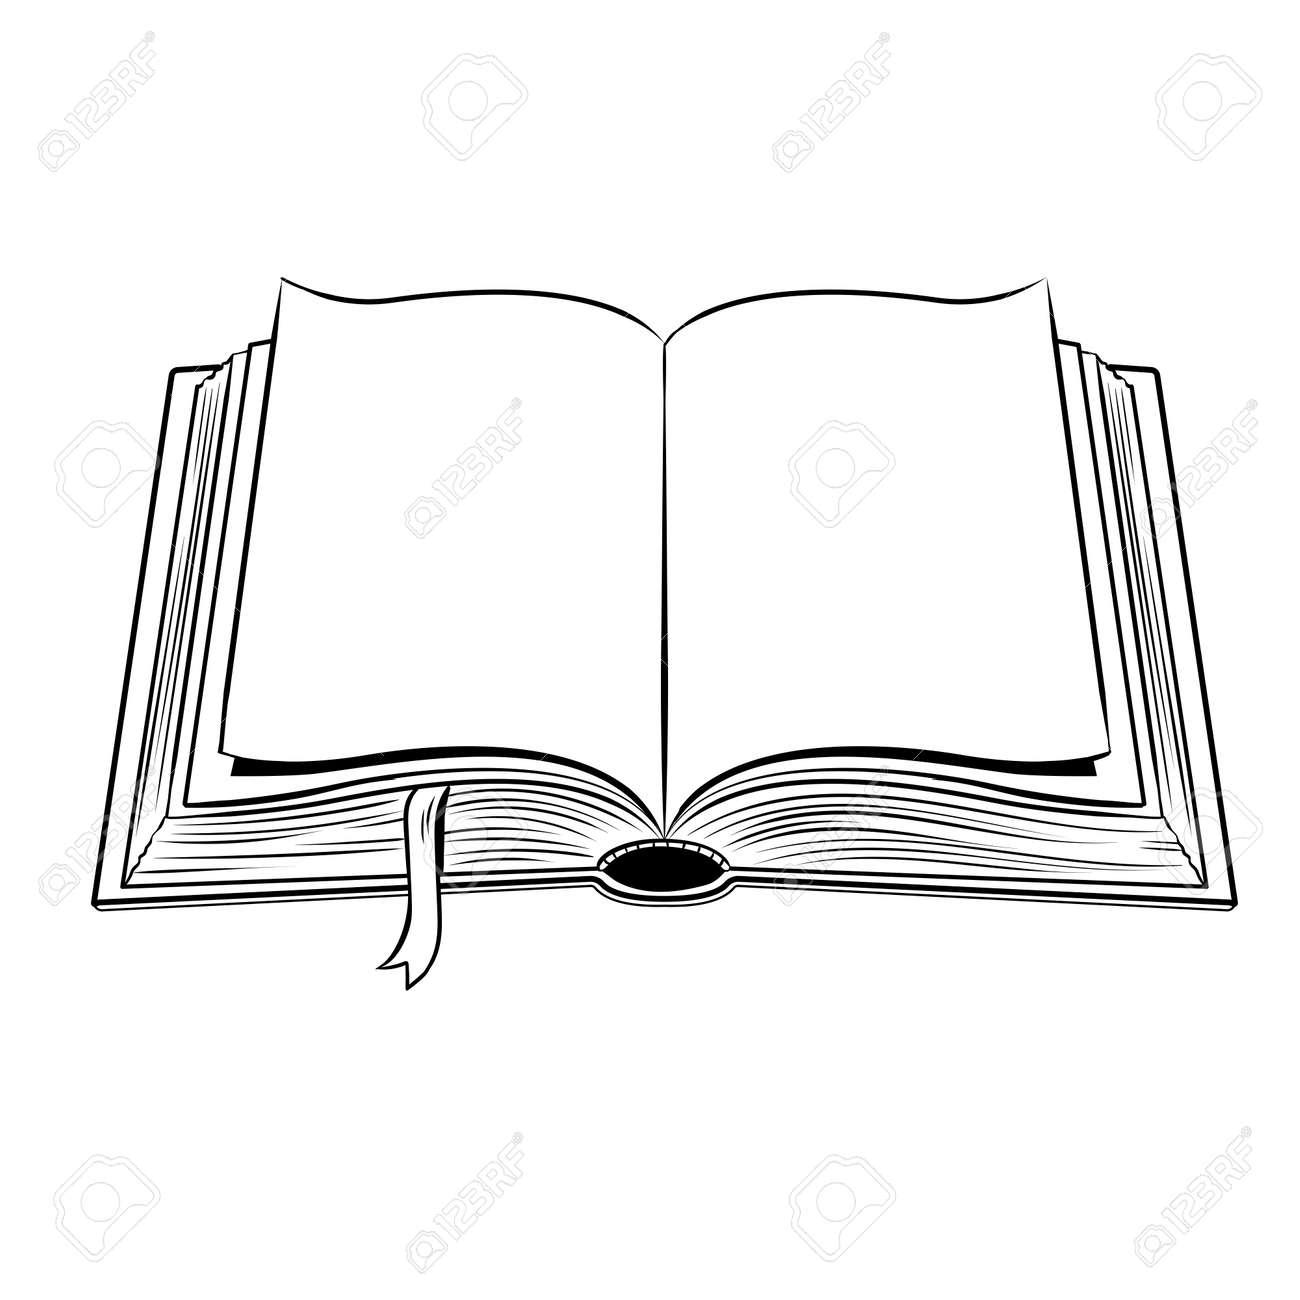 Offenes Buch Farbung Vektor Illustration Lizenzfrei Nutzbare